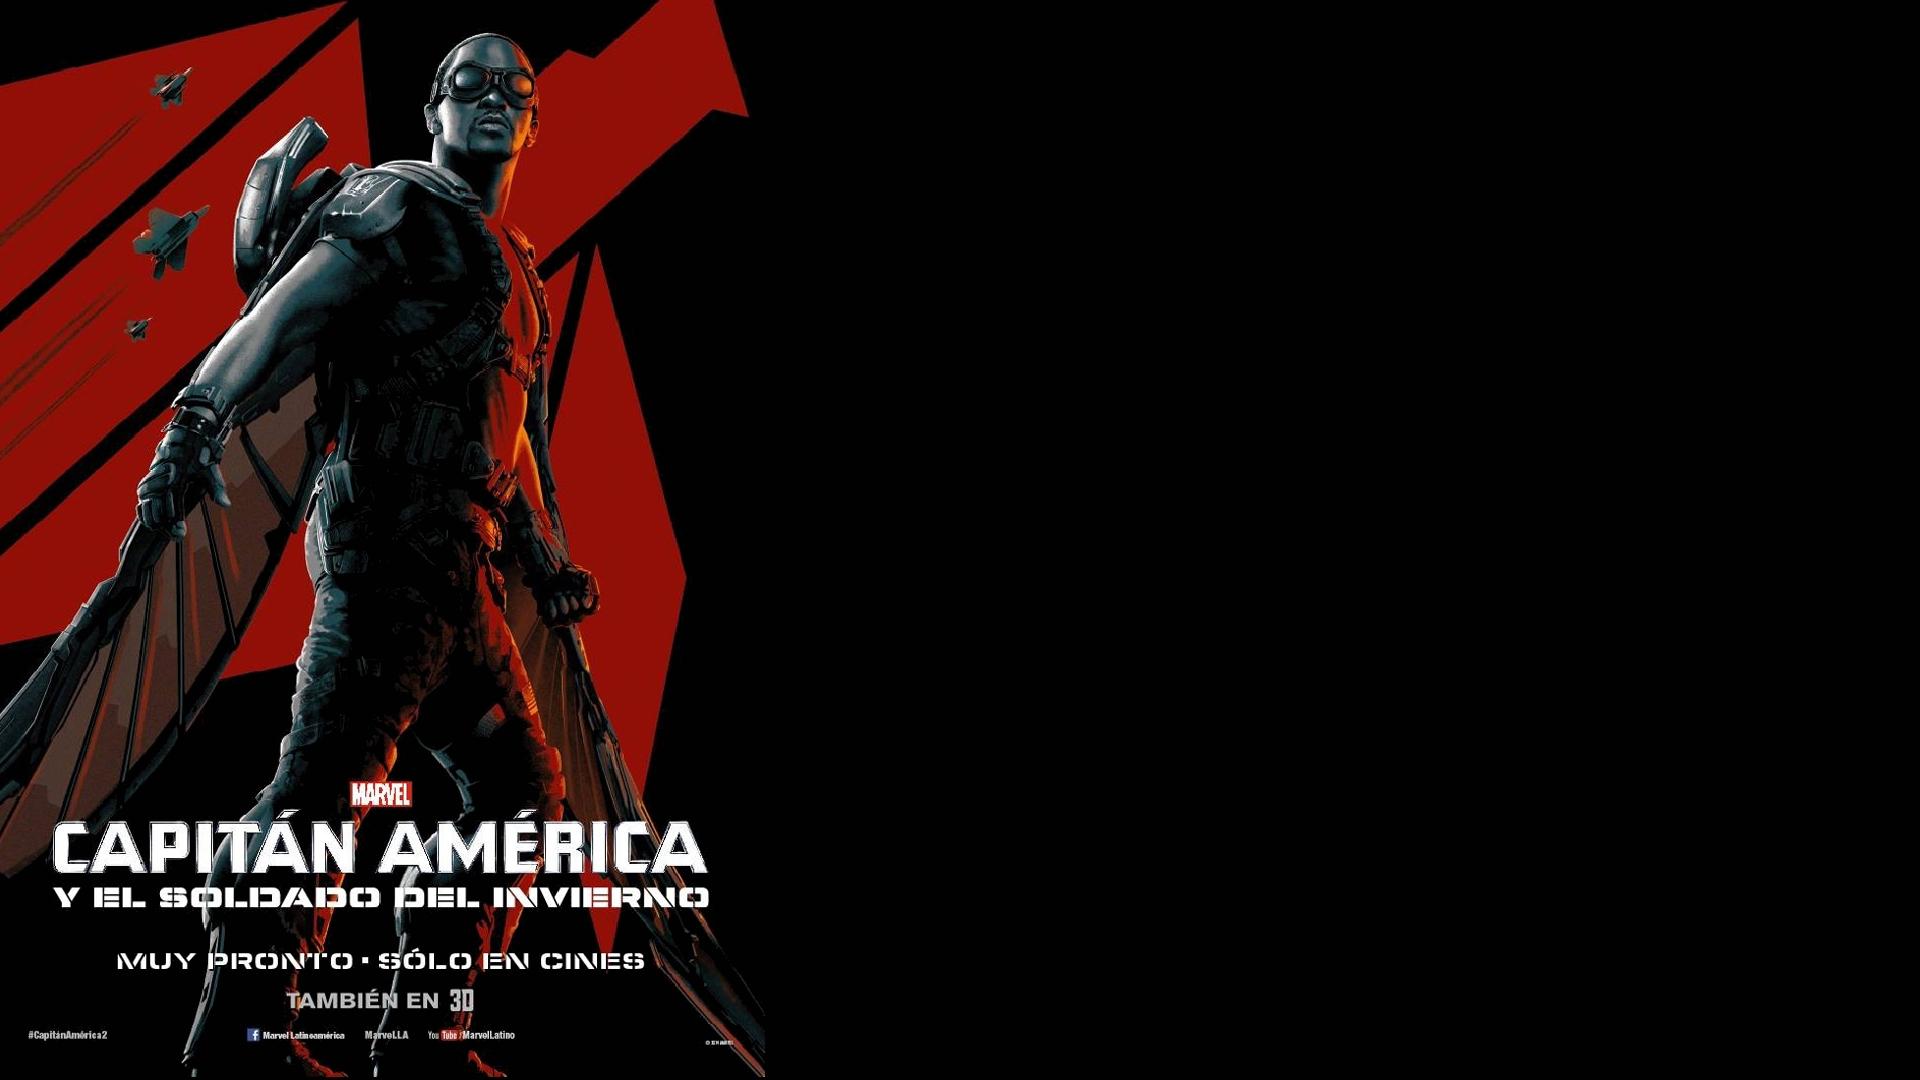 Good Wallpaper Marvel Falcon - falcon-captain-america-the-winter-soldier-movie-1920x1080  2018_52050.jpg